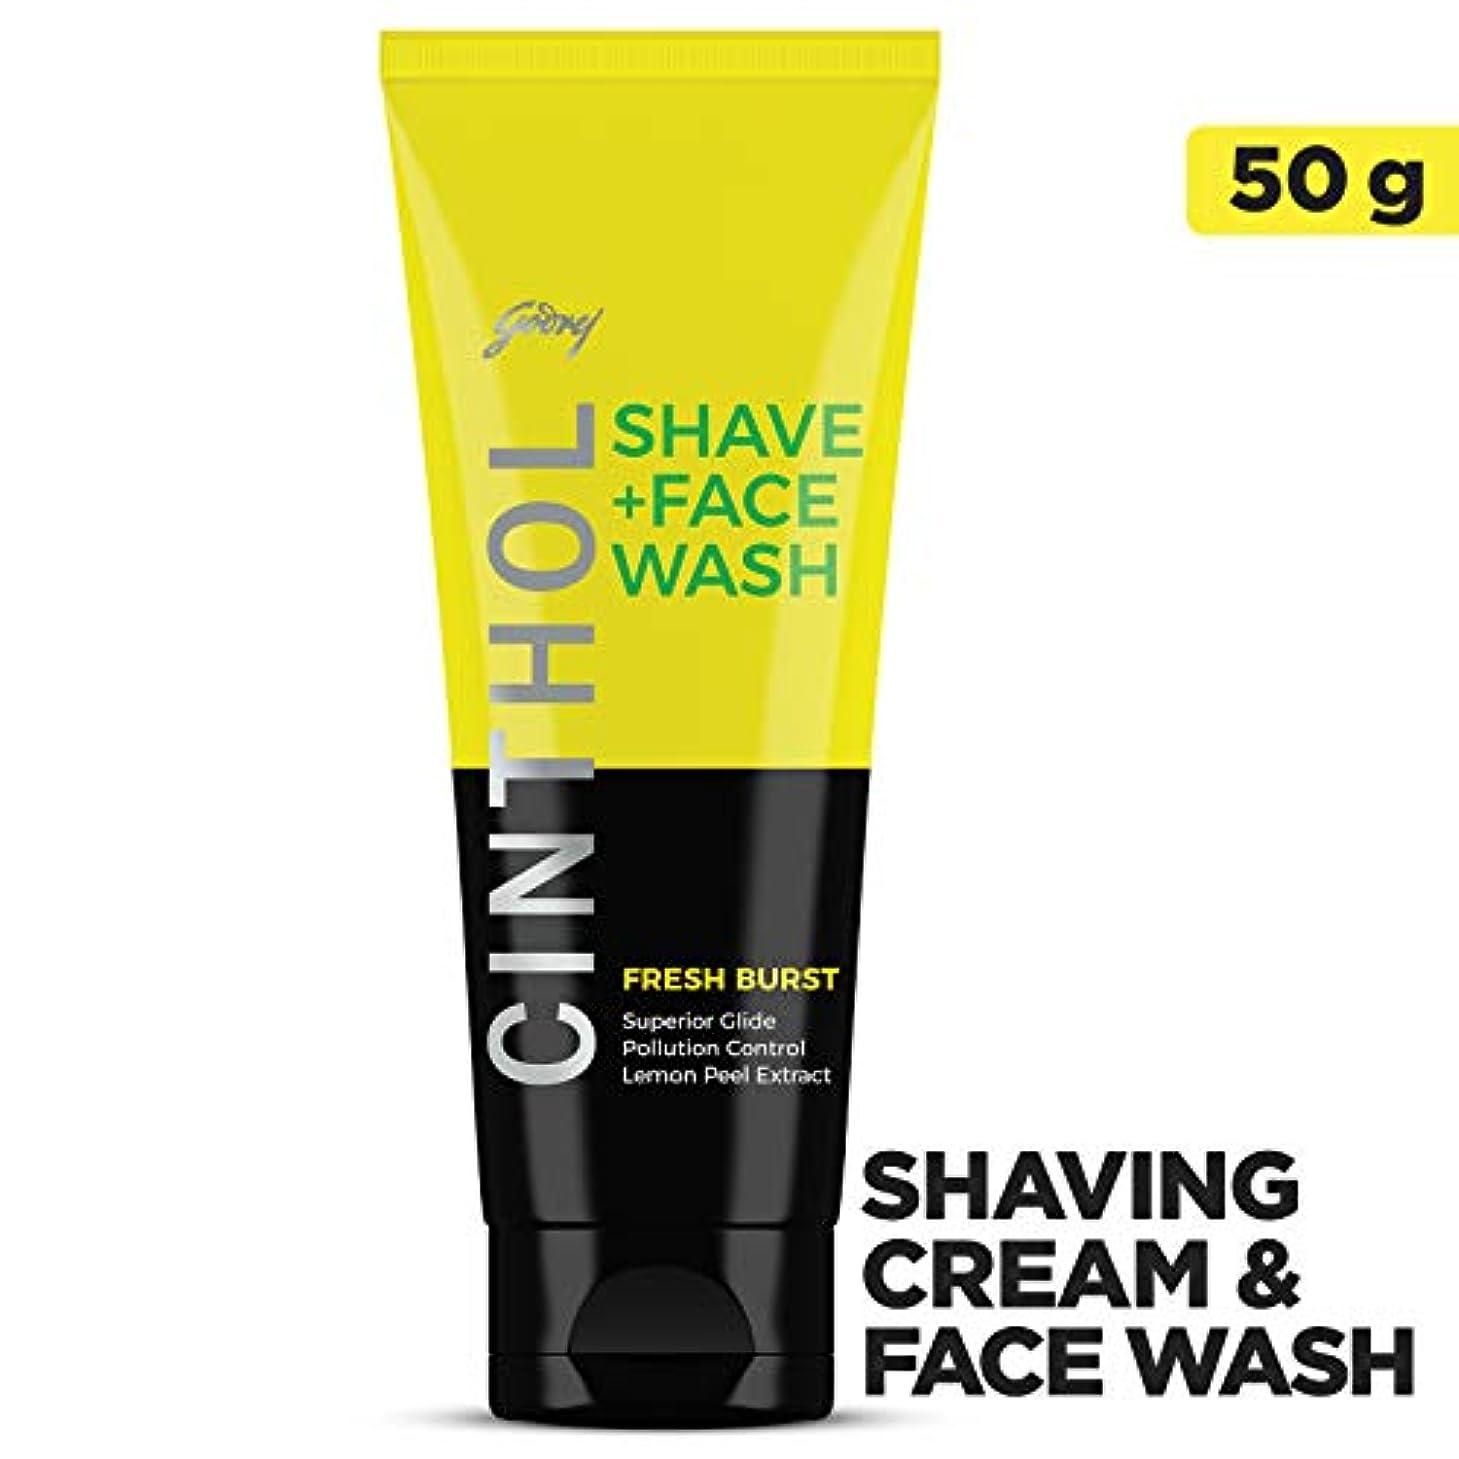 バンドル動かない素晴らしい良い多くのCinthol Fresh Burst Shaving + Face Wash, 50g